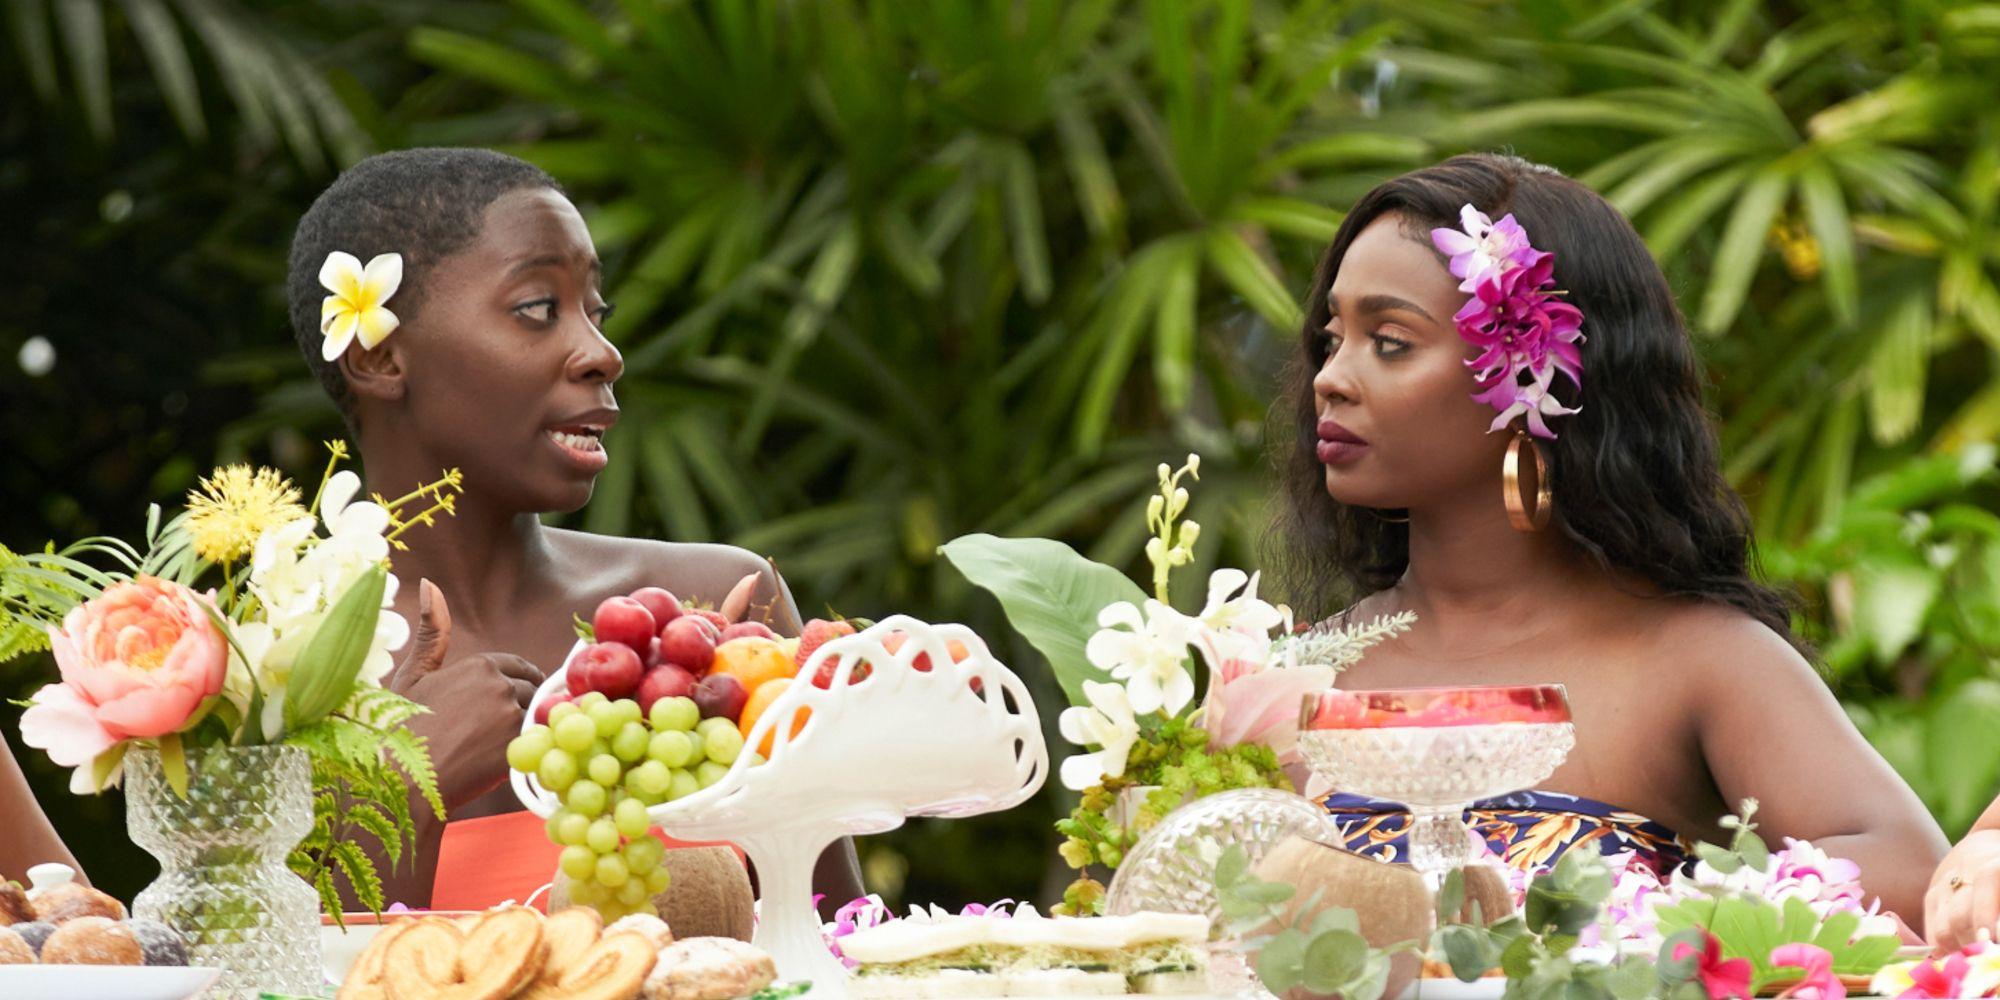 Love Island USA: Season 3 Episode 7 TV Schedule, Streaming Choices & Recap